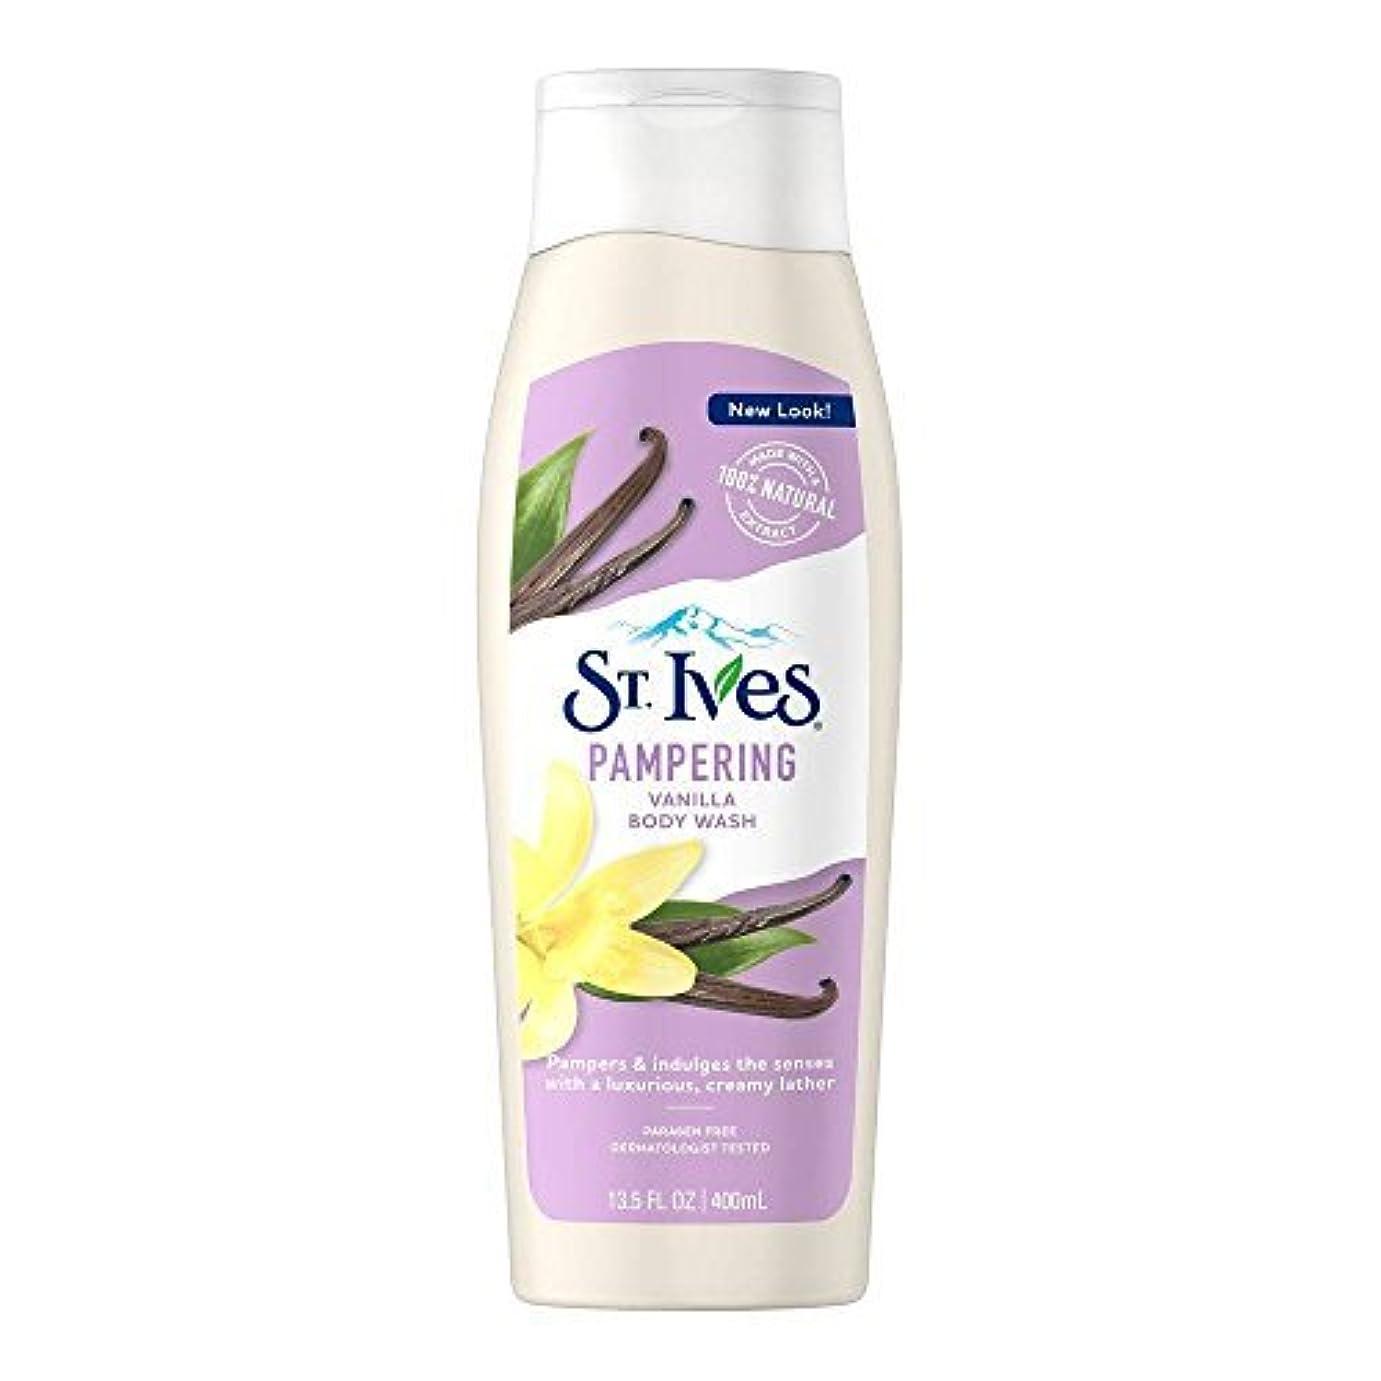 ブランド名真鍮急襲St. Ives U-BB-1240 Creamy Vanilla Moisturizing Body Wash - 13.5 oz - Body Wash